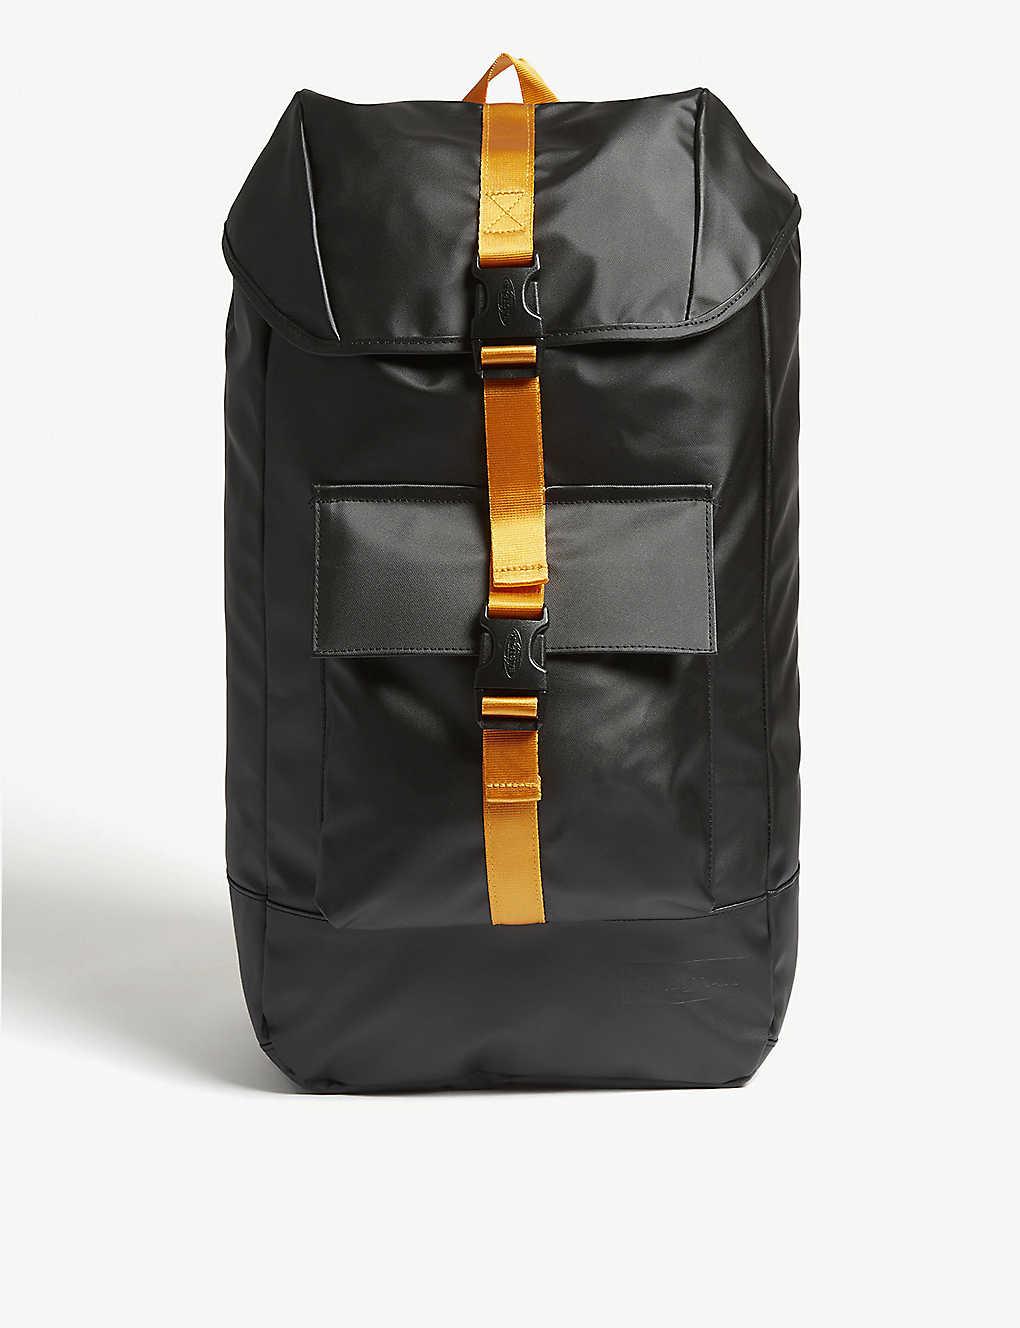 EASTPAK - Bust webbing backpack | Selfridges com